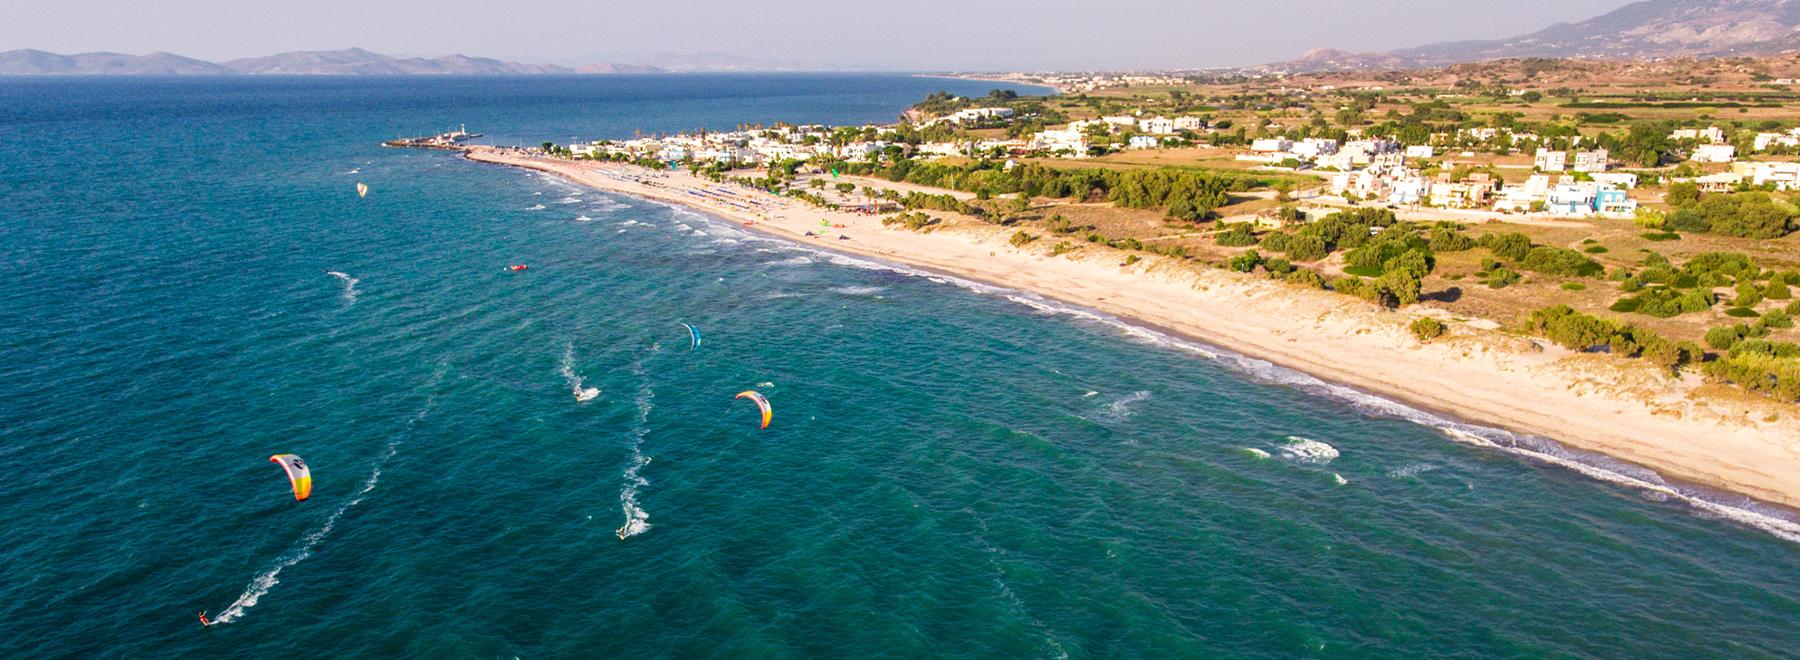 Kitesurfen auf Kos, Griechenland mit KiteWorldWide